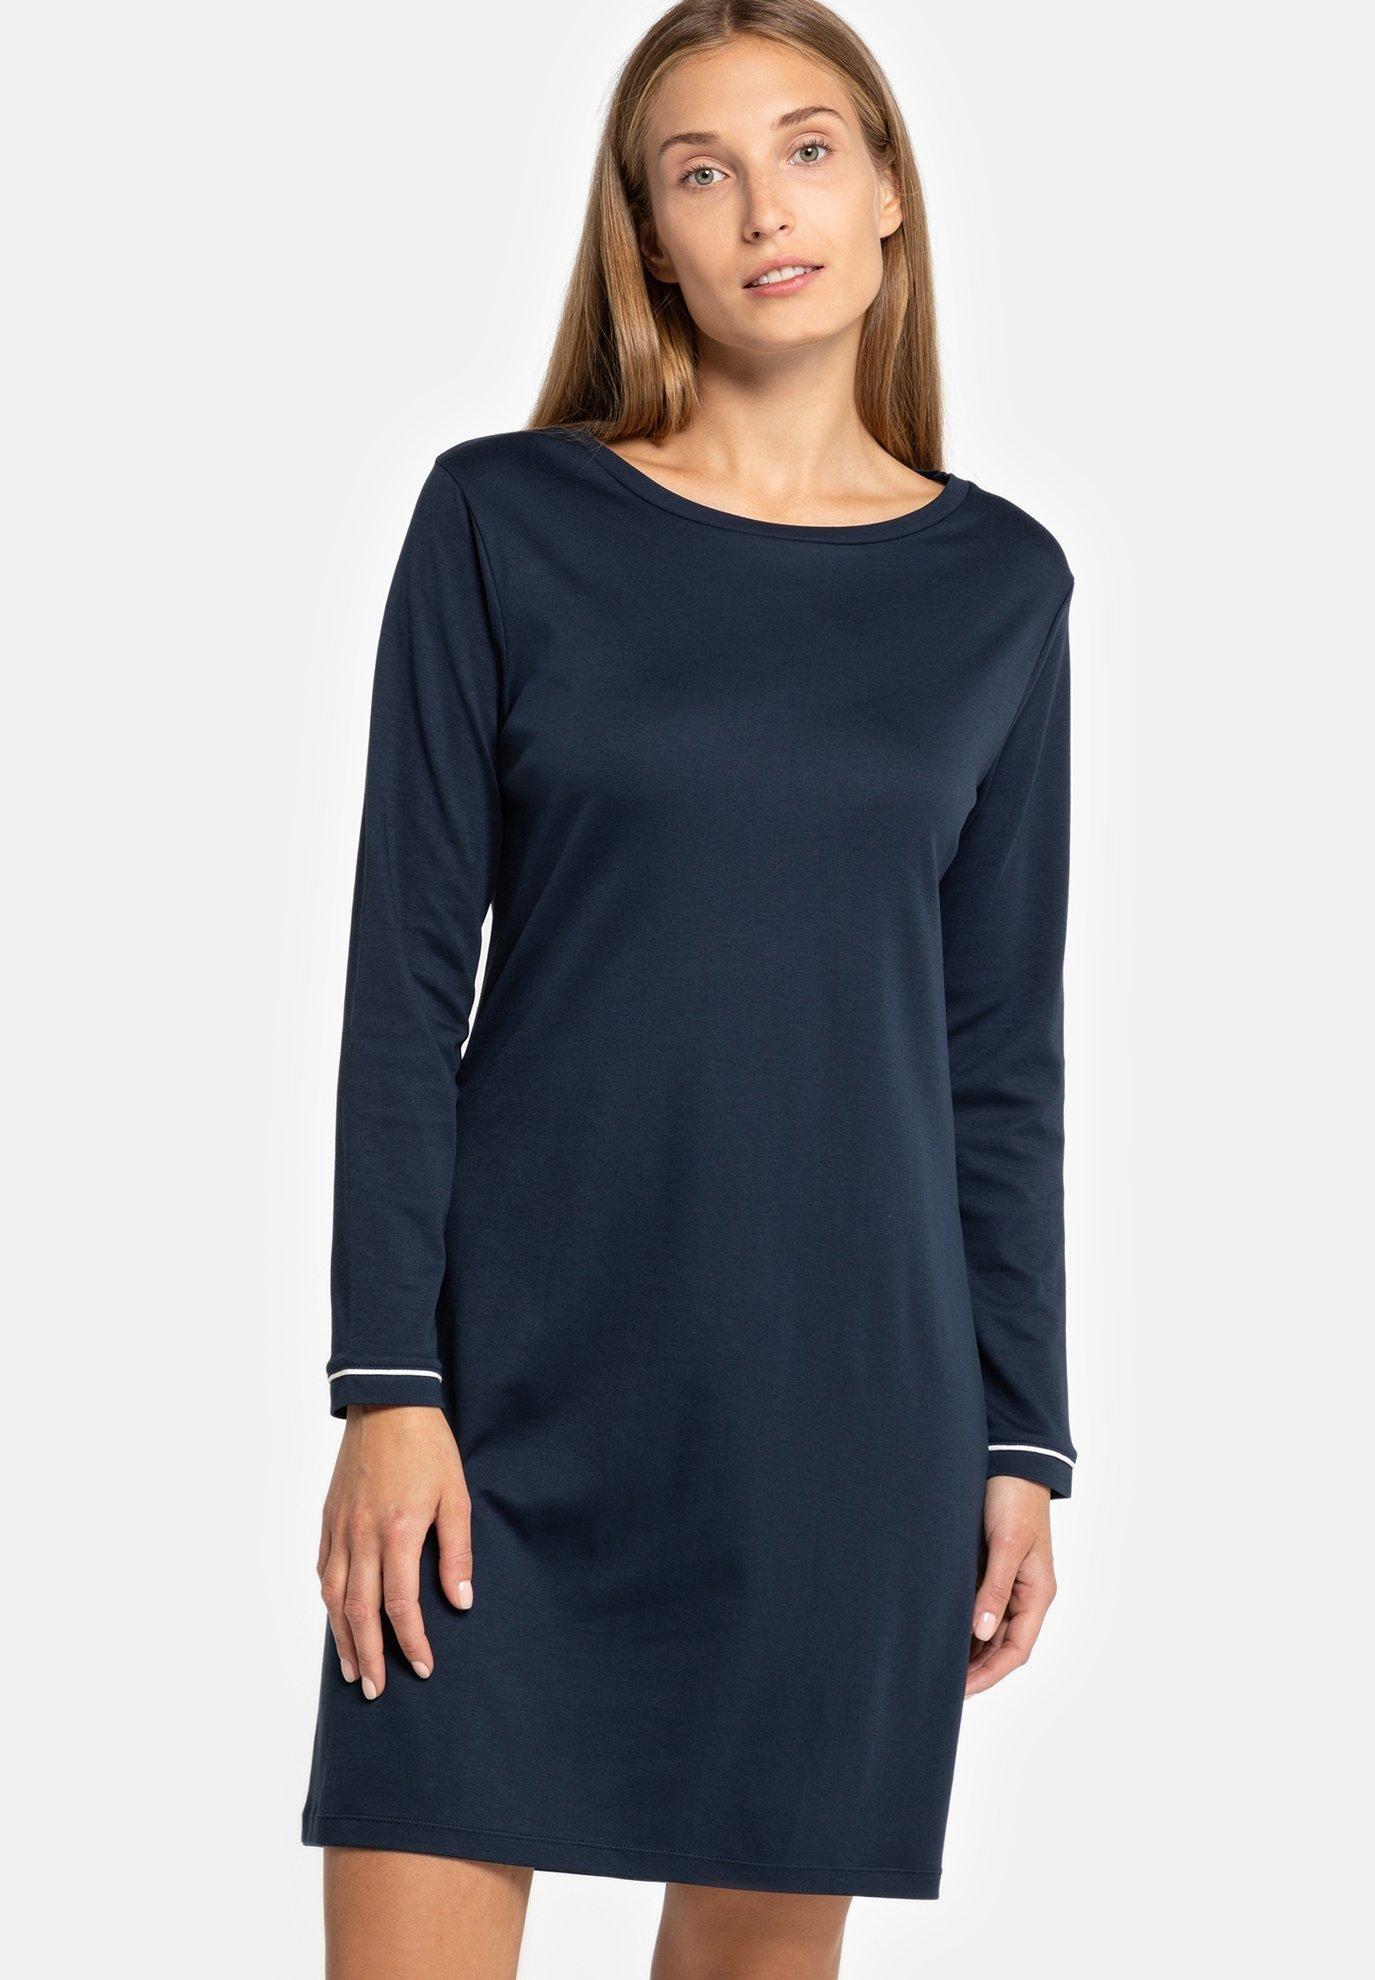 Damen MINIMAL STRIPES - Nachthemd